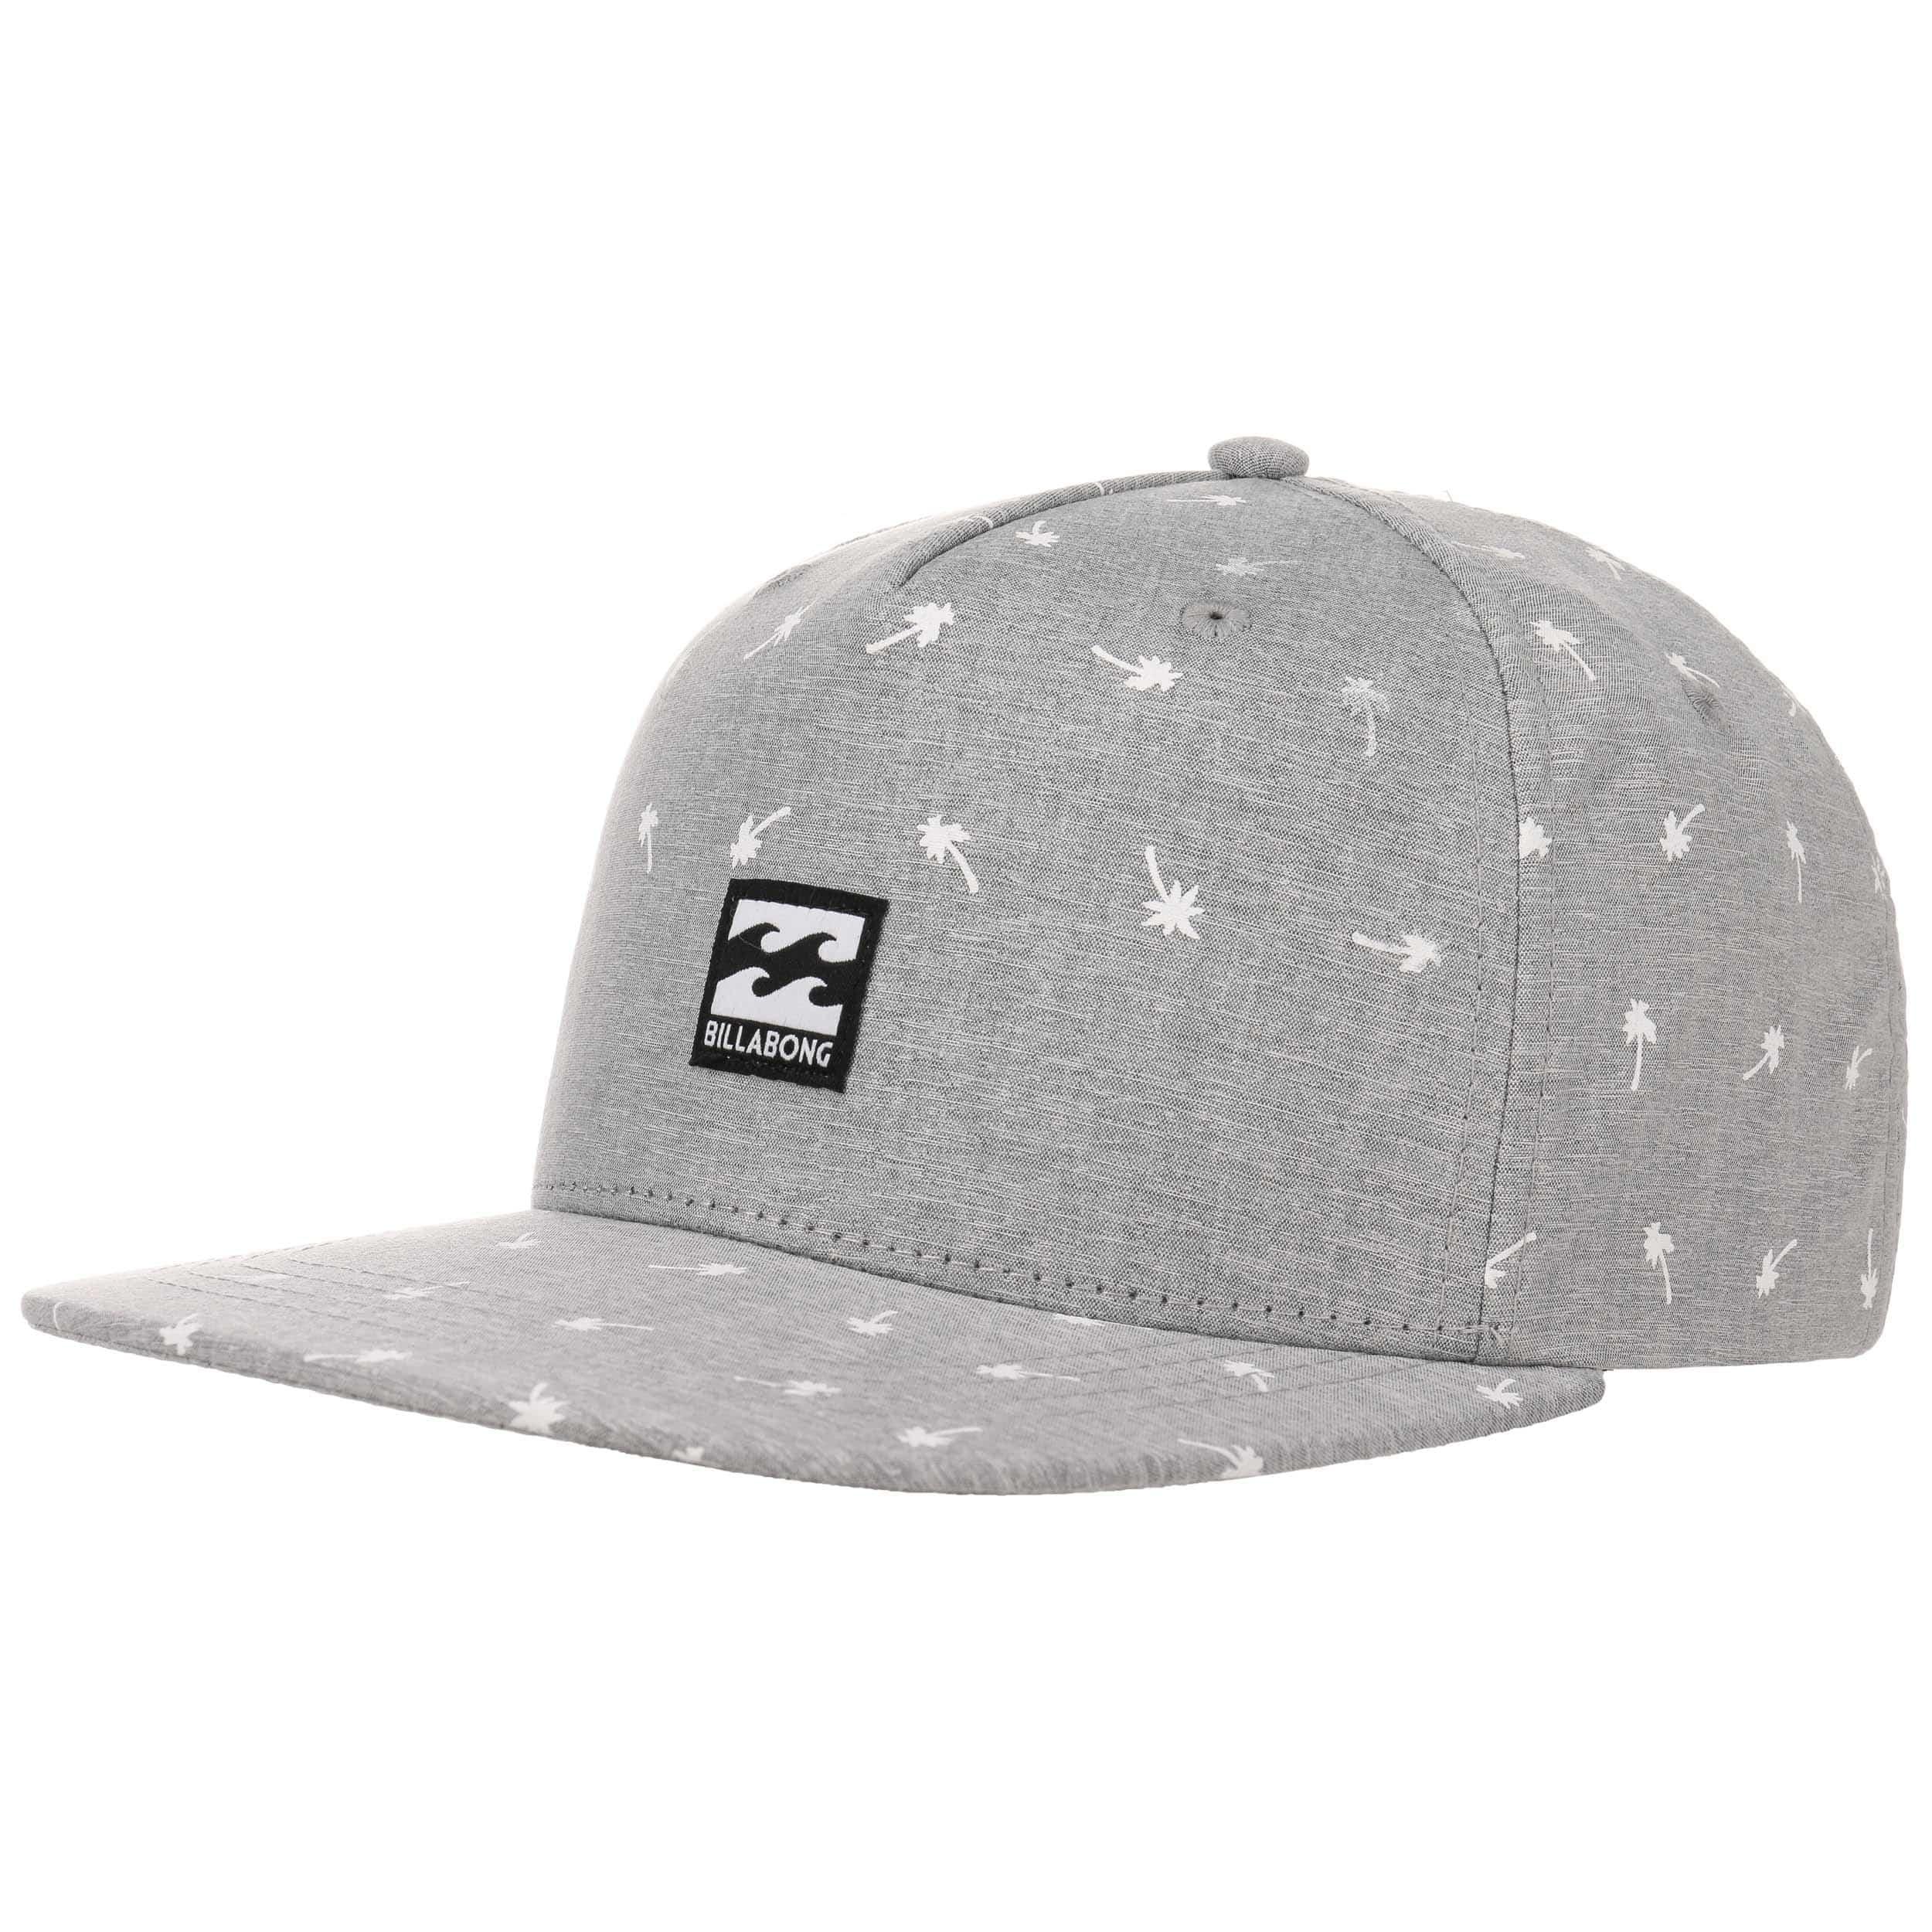 03fd1a68092 official billabong trilby hat e1b03 012b0